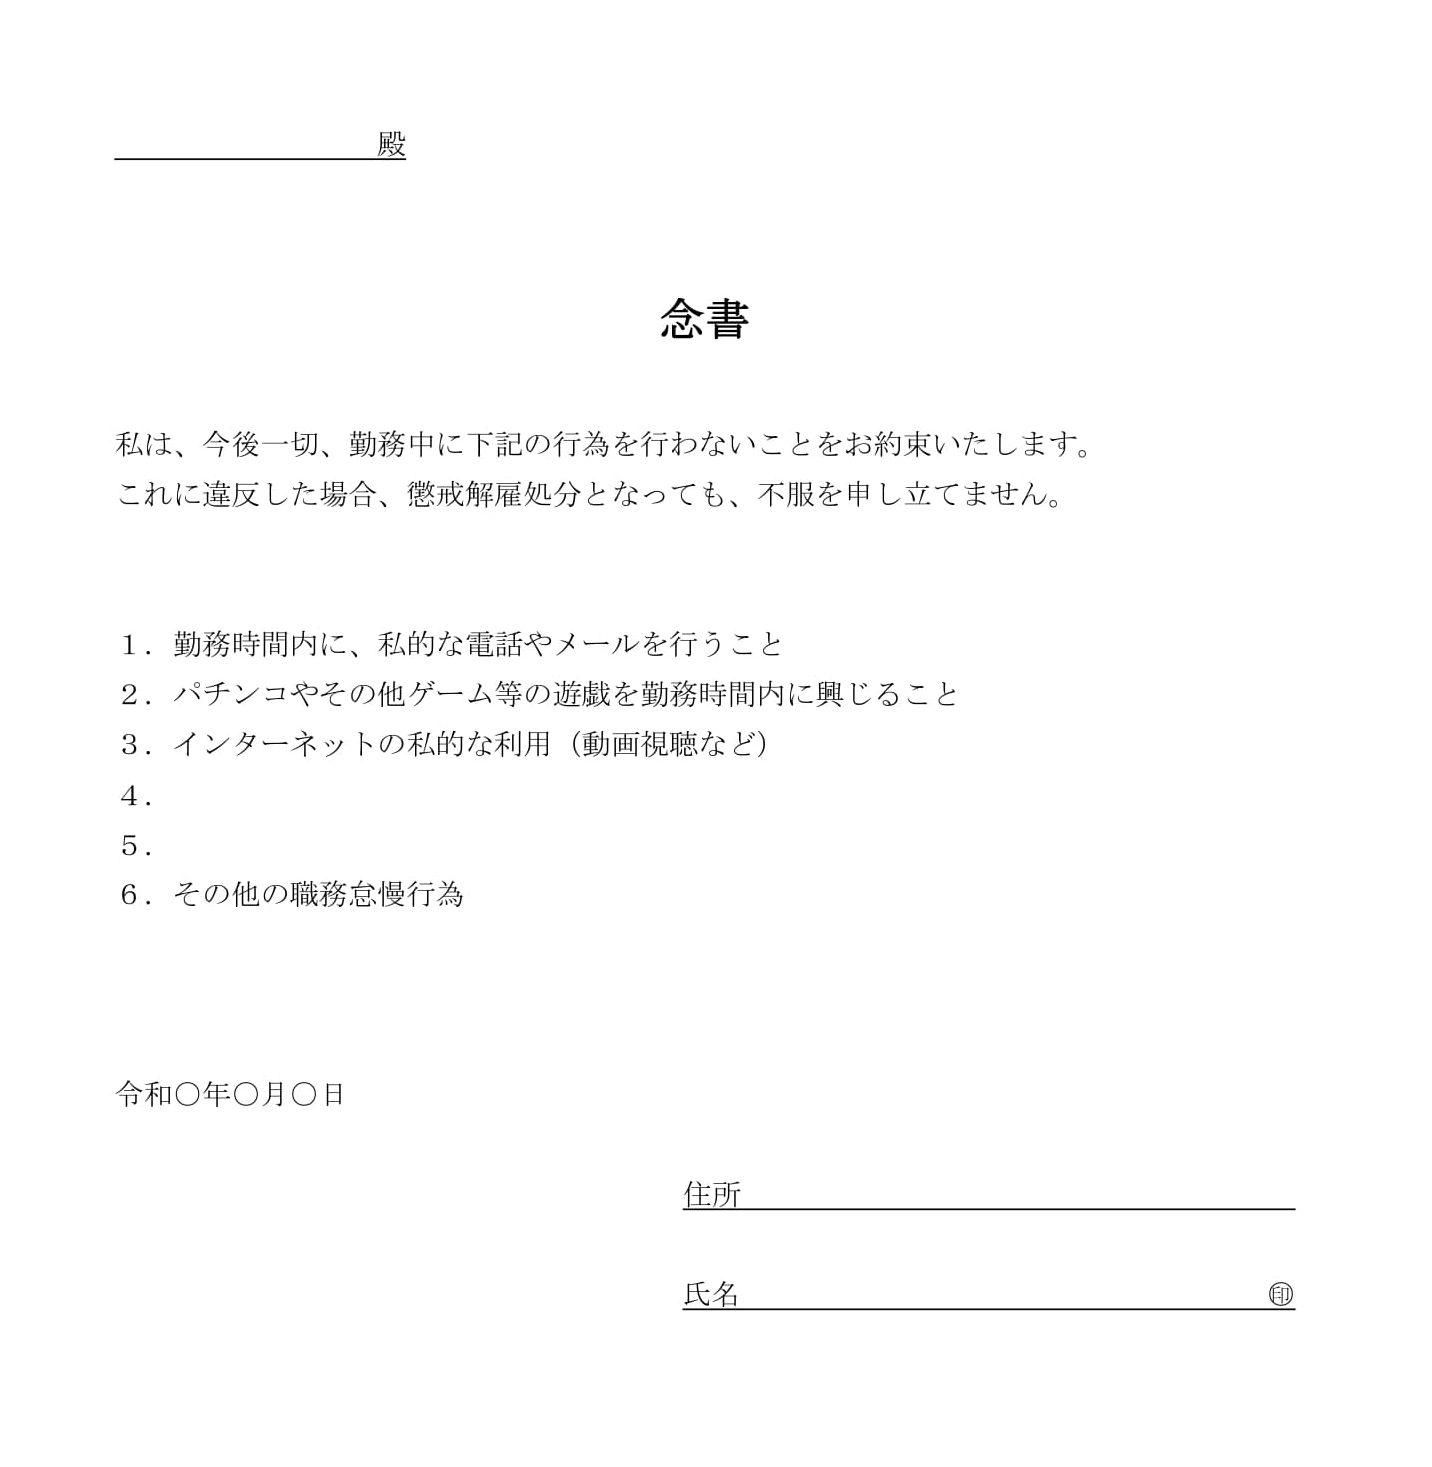 会員登録不要で無料でダウンロードできる念書(職務怠慢しない)のテンプレート書式